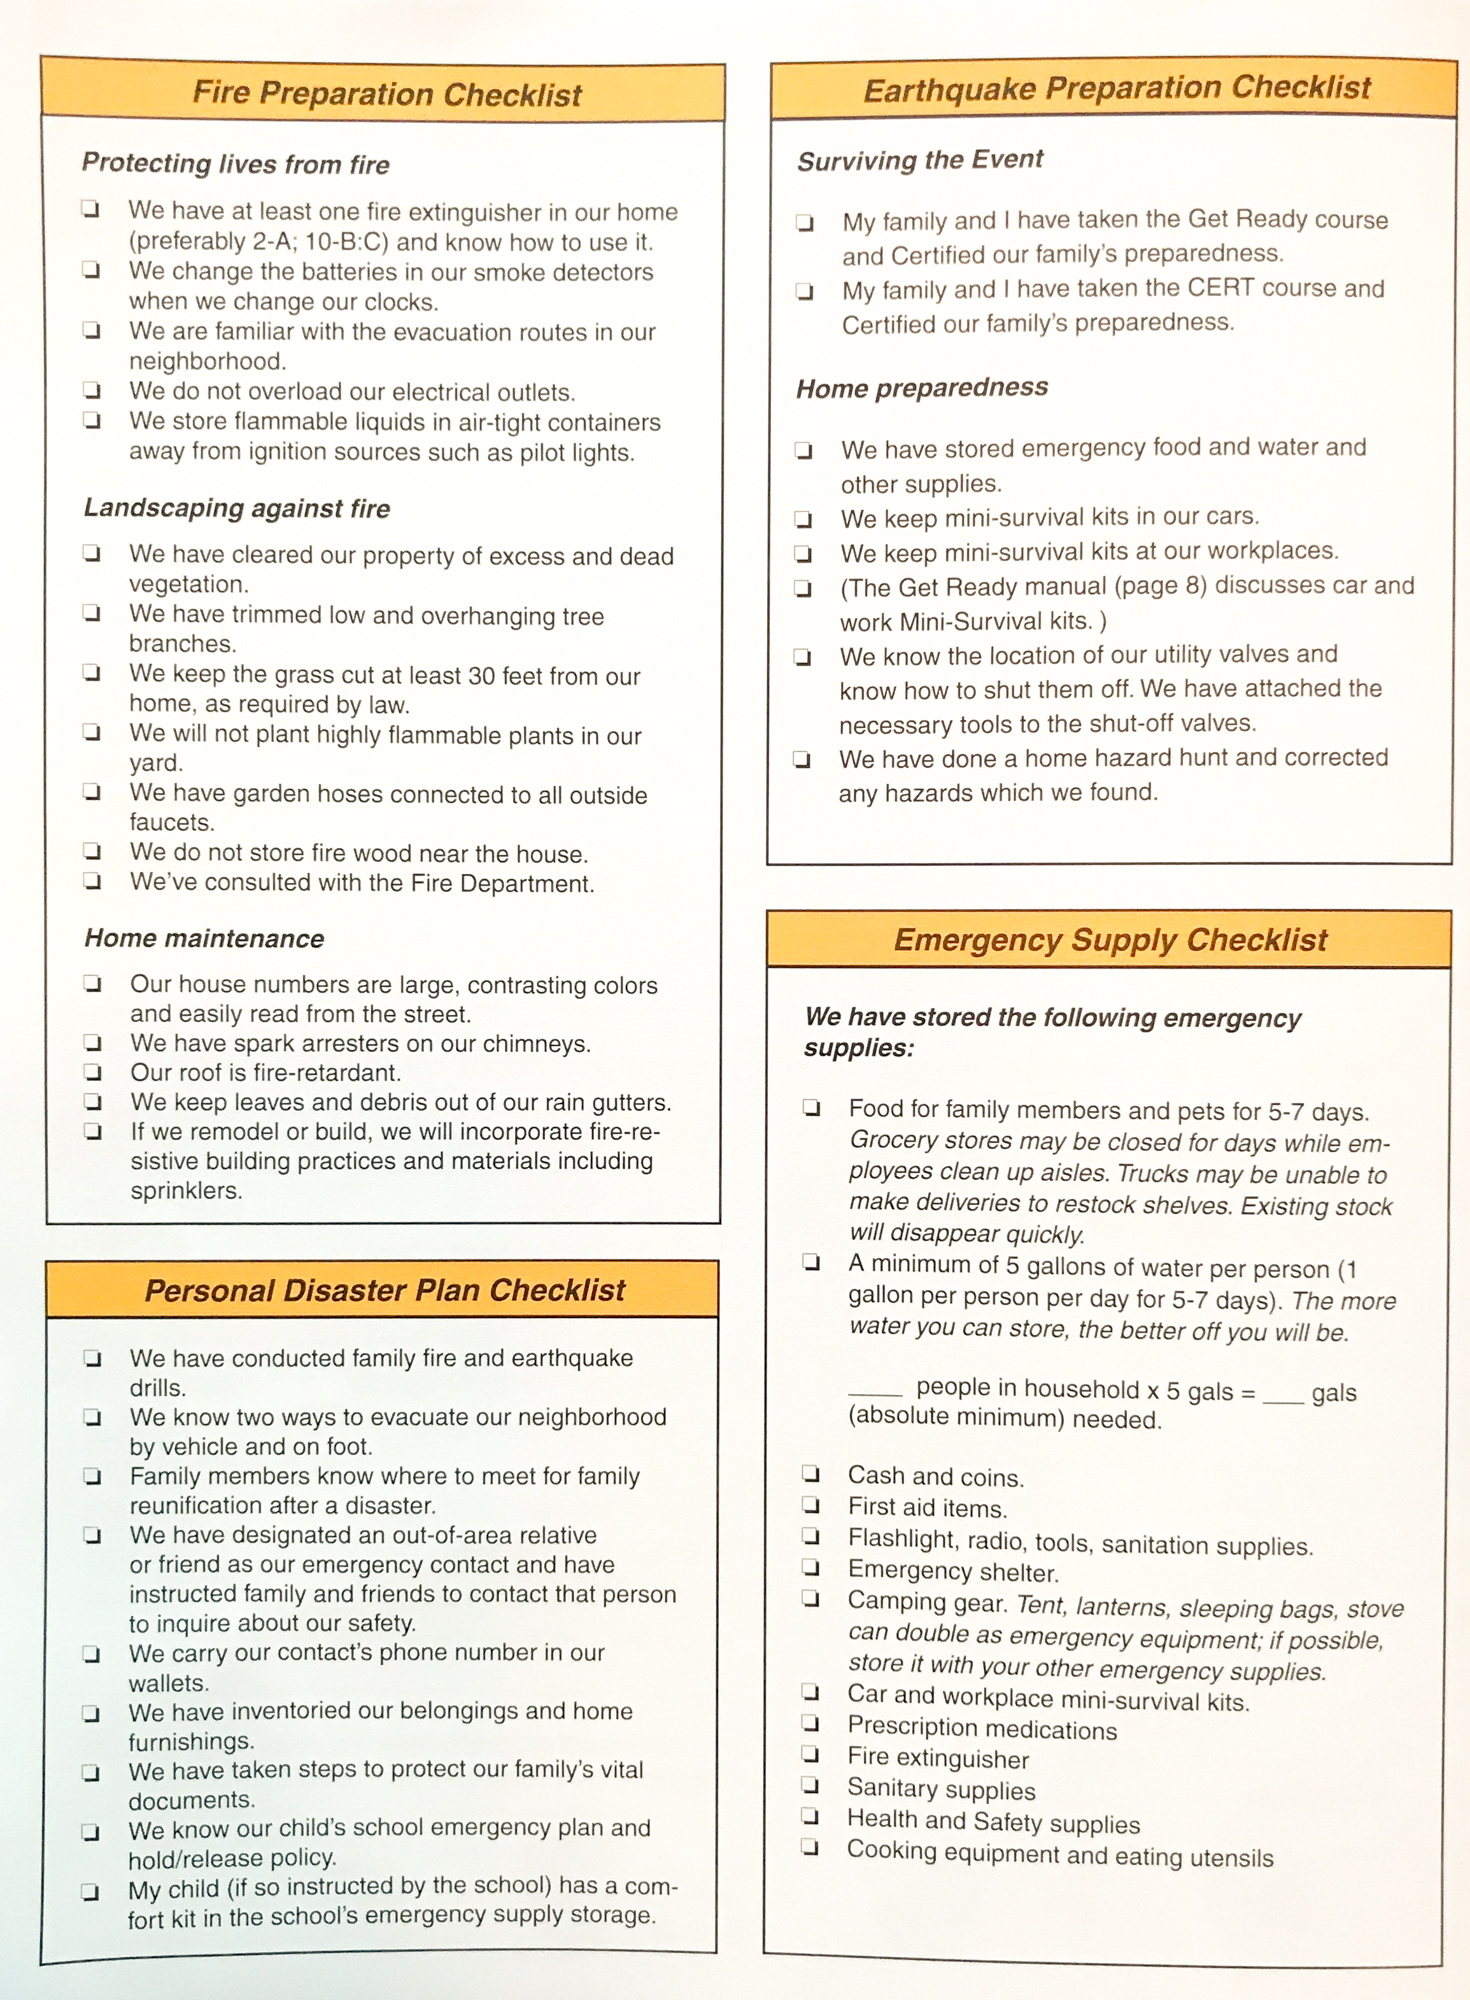 guidepage2-2.jpg